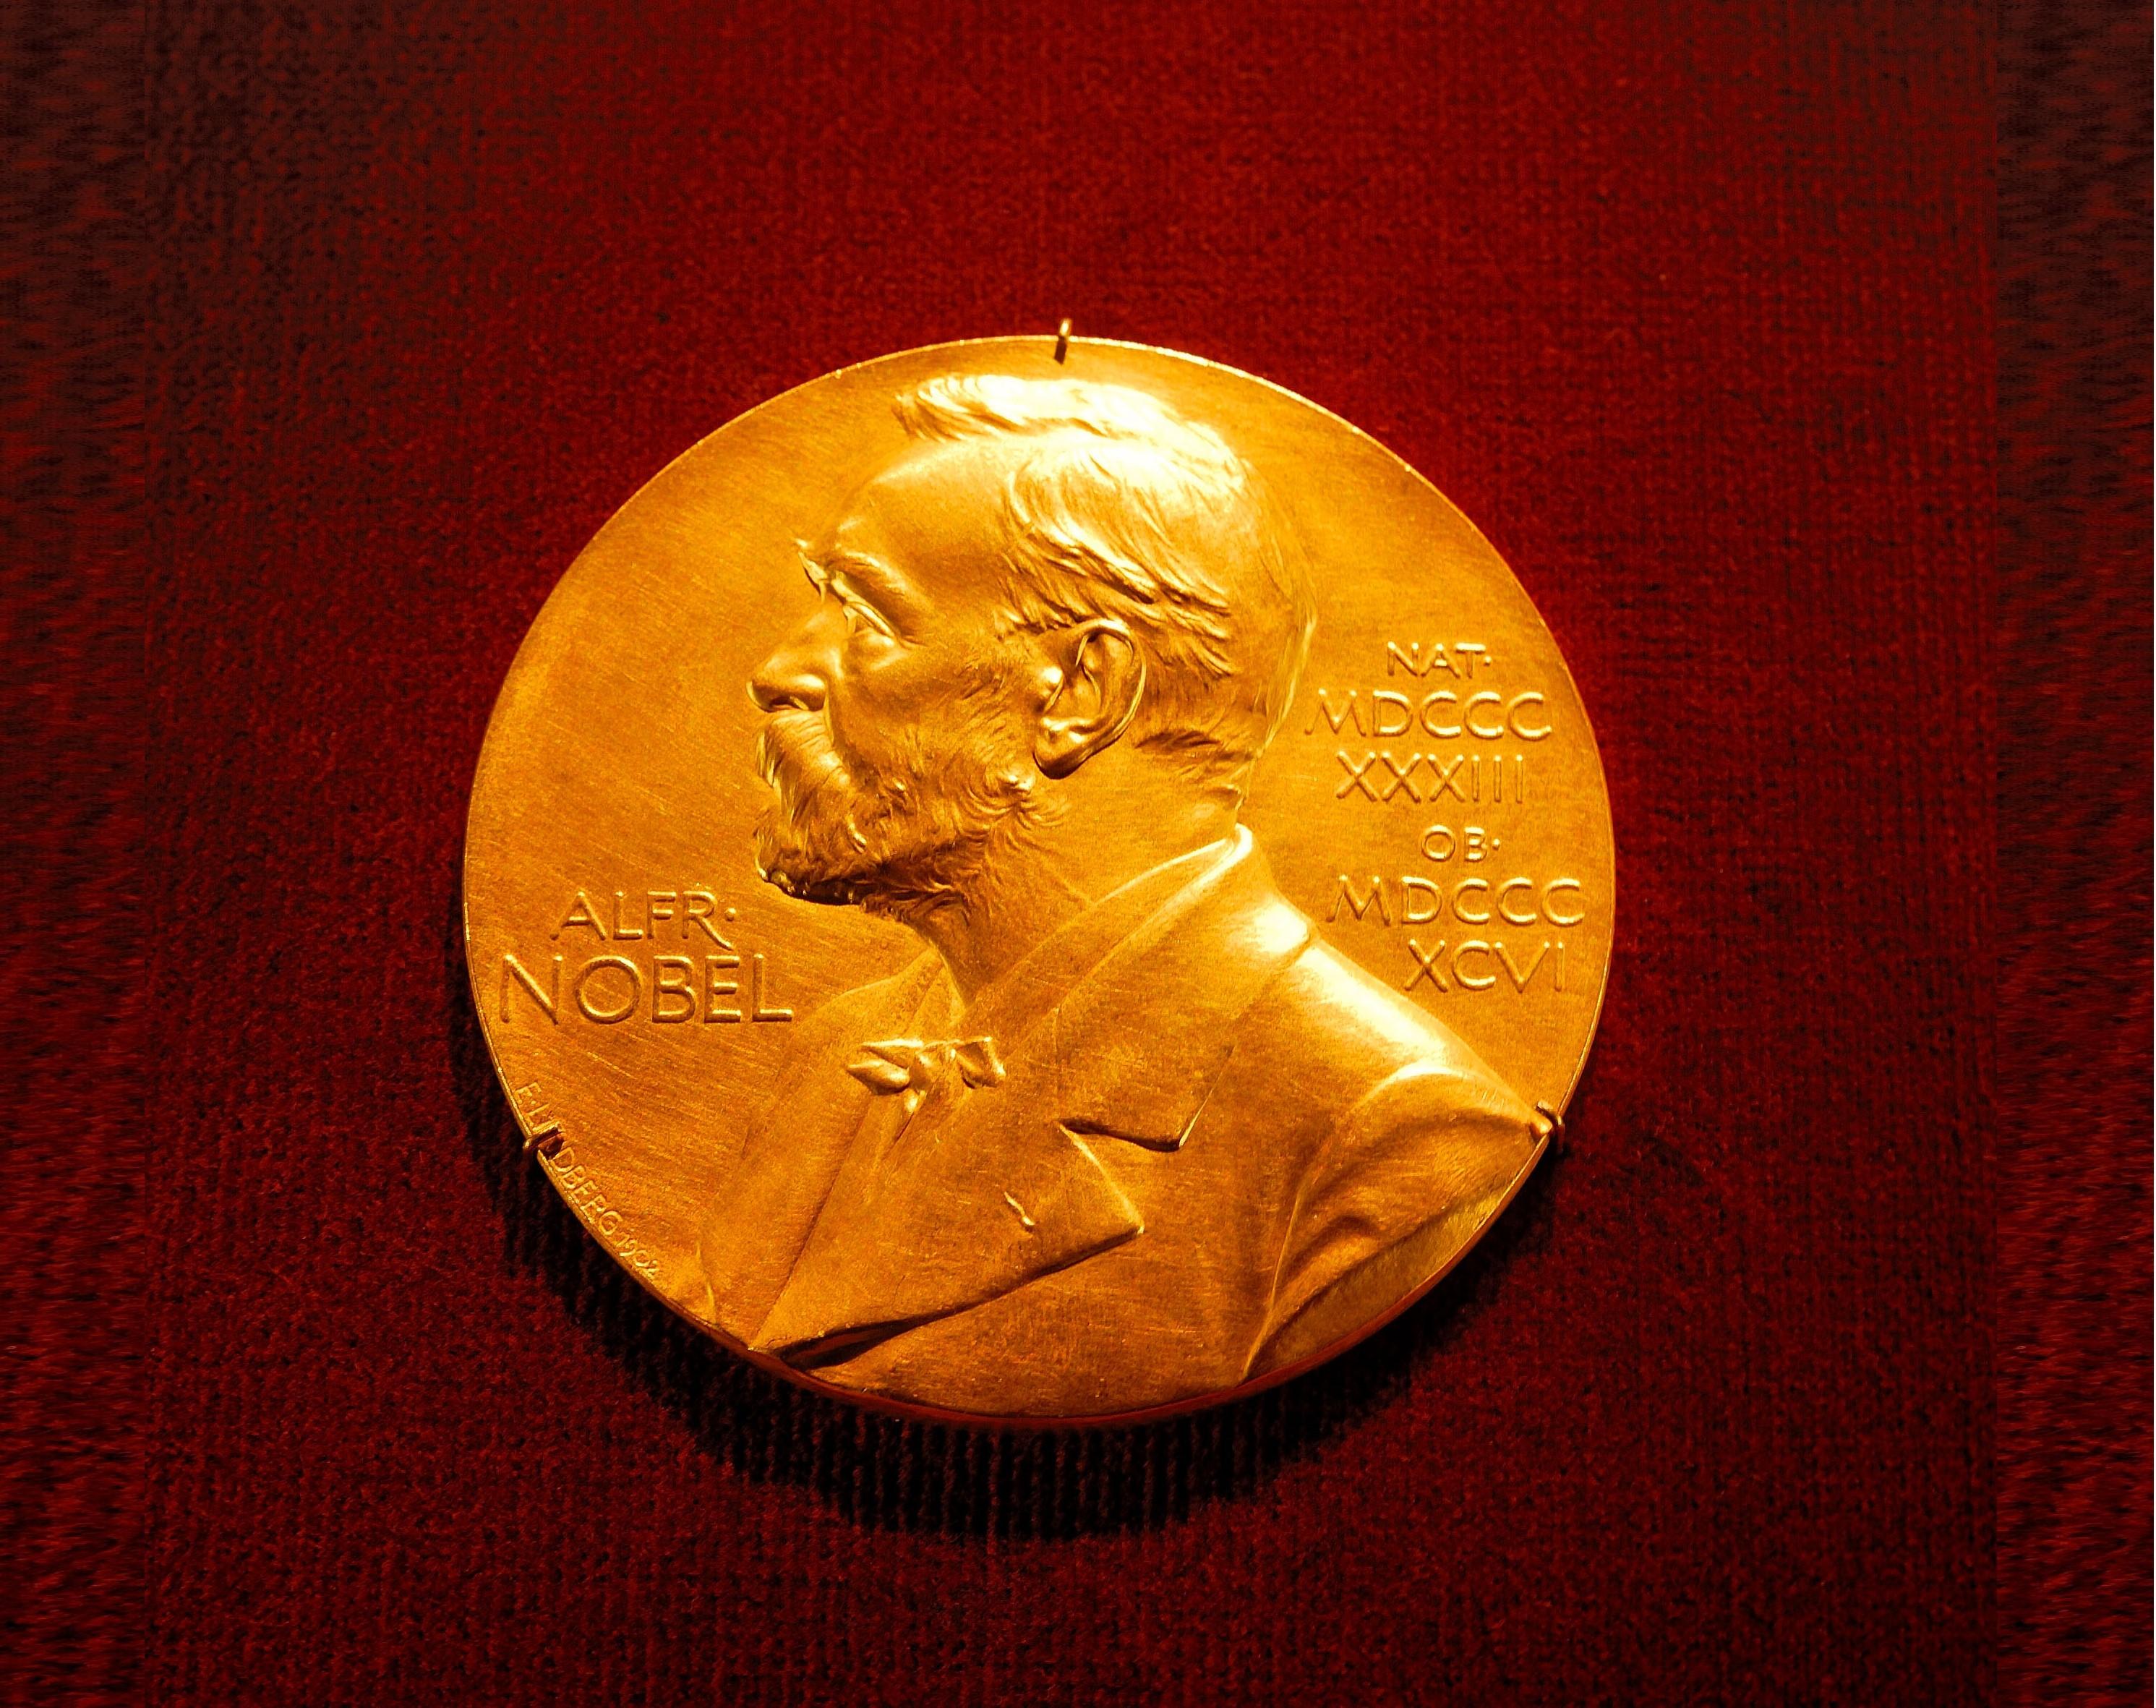 Discovery of cellular mechanisms for oxygen sensing earns prestigious Nobel for 2019